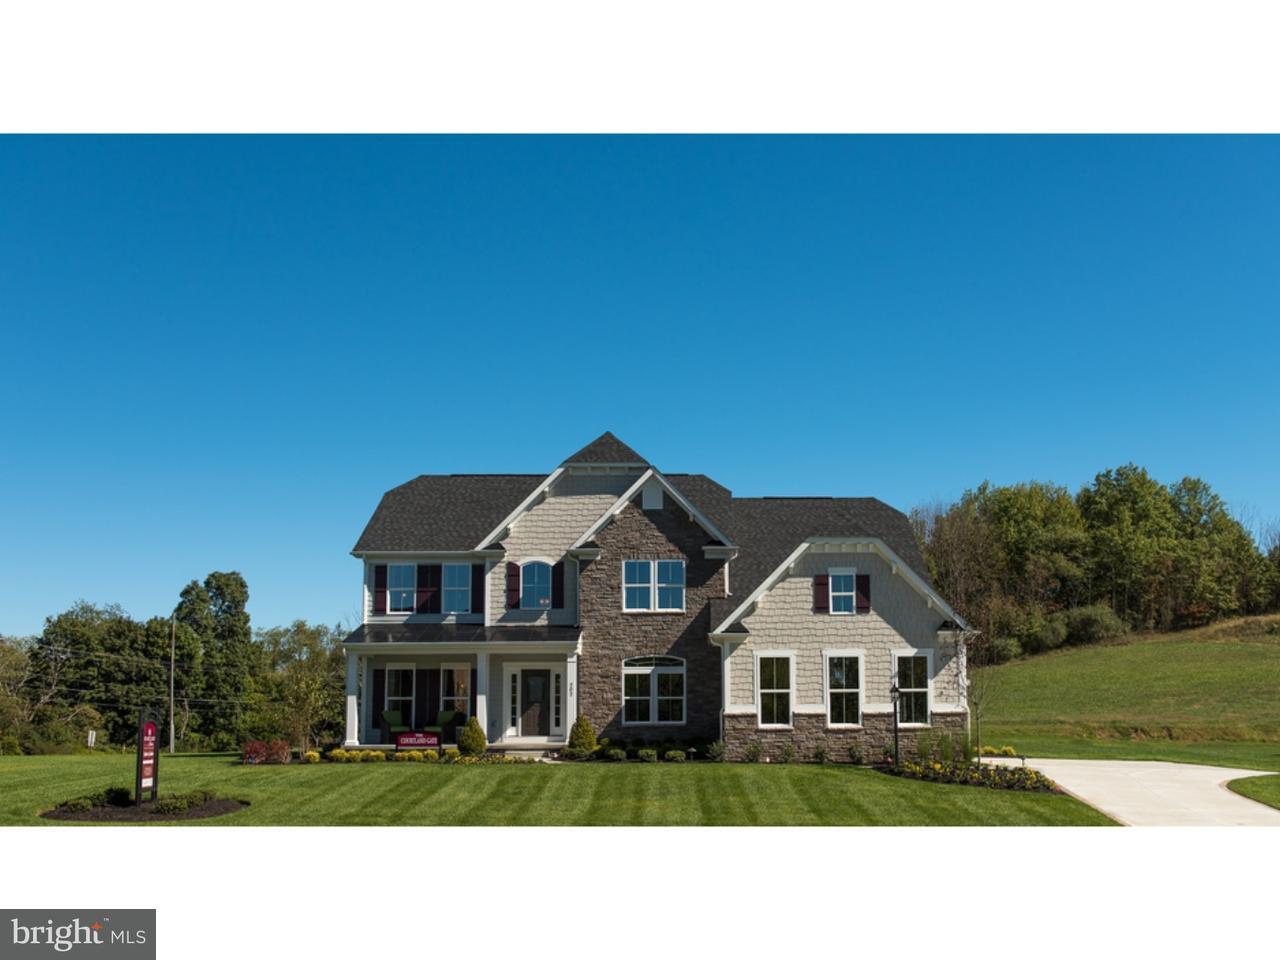 Maison unifamiliale pour l Vente à 500 PEAR TREE Court Delran Township, New Jersey 08075 États-Unis